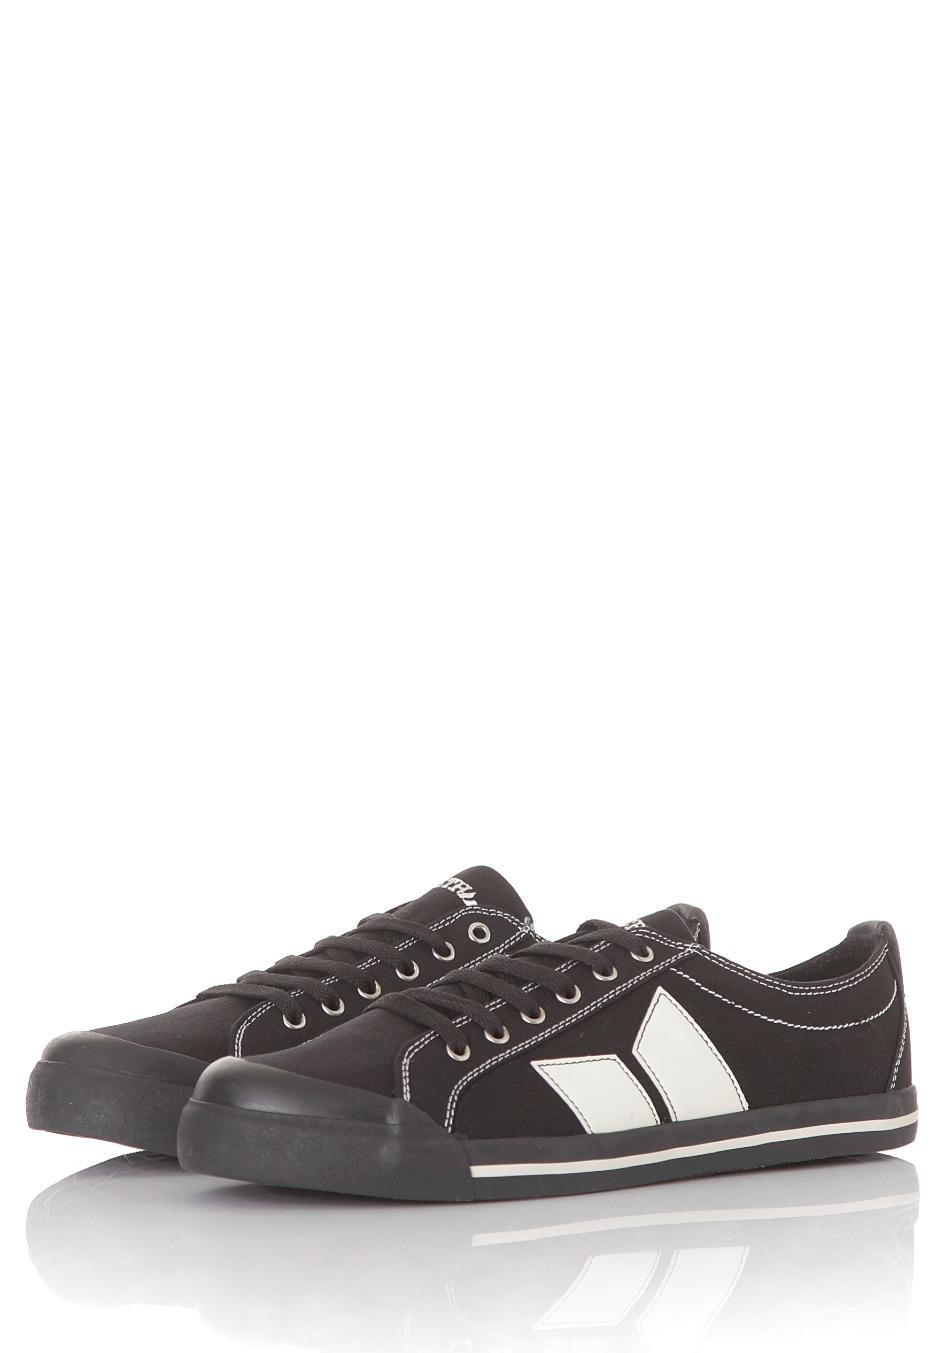 Macbeth - Eliot Black/Cement - Shoes - Impericon.com UK | 936 x 1353 jpeg 71kB